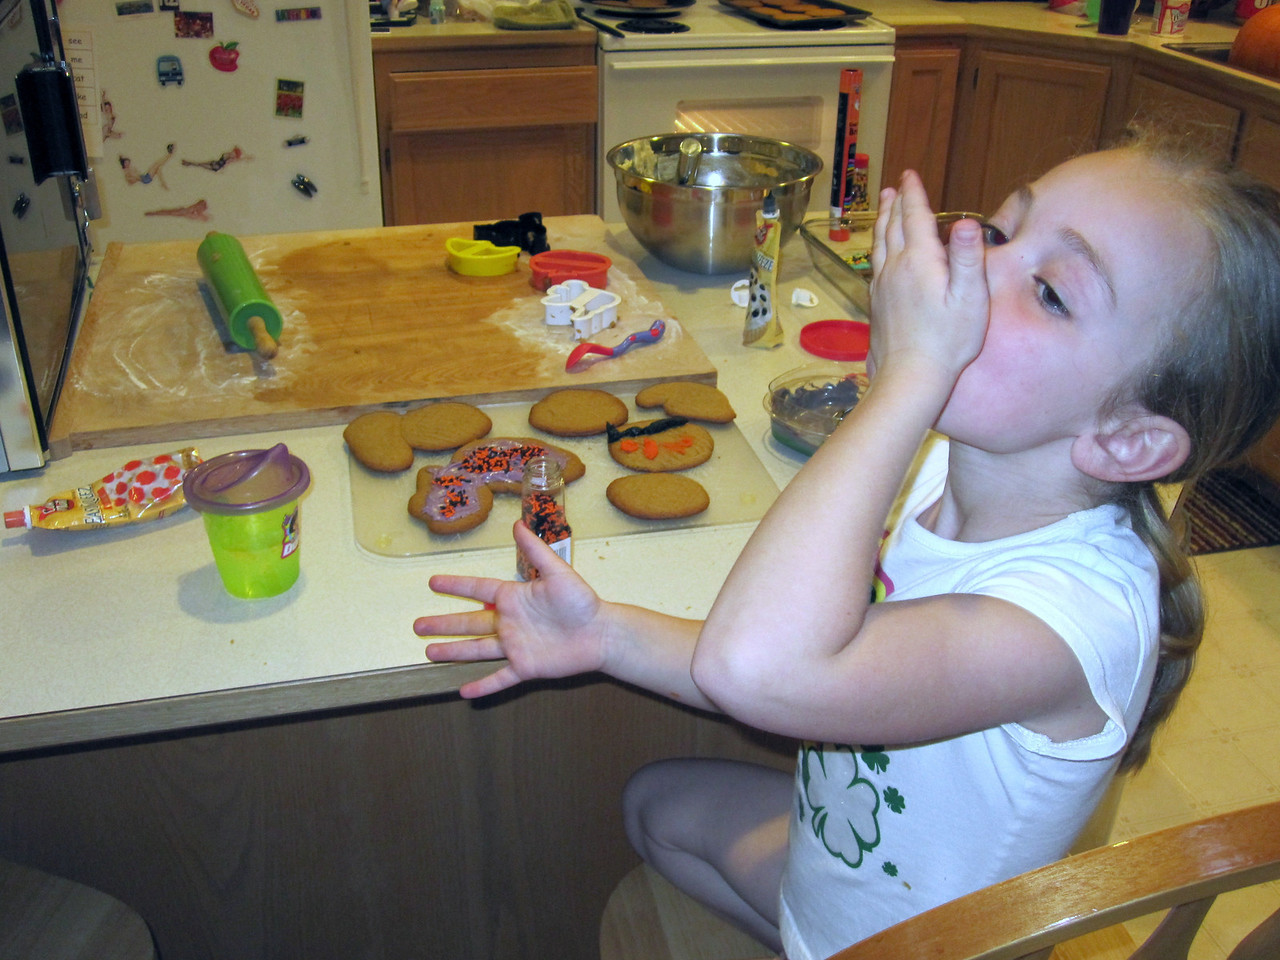 Halloween '09 - Baking cookies